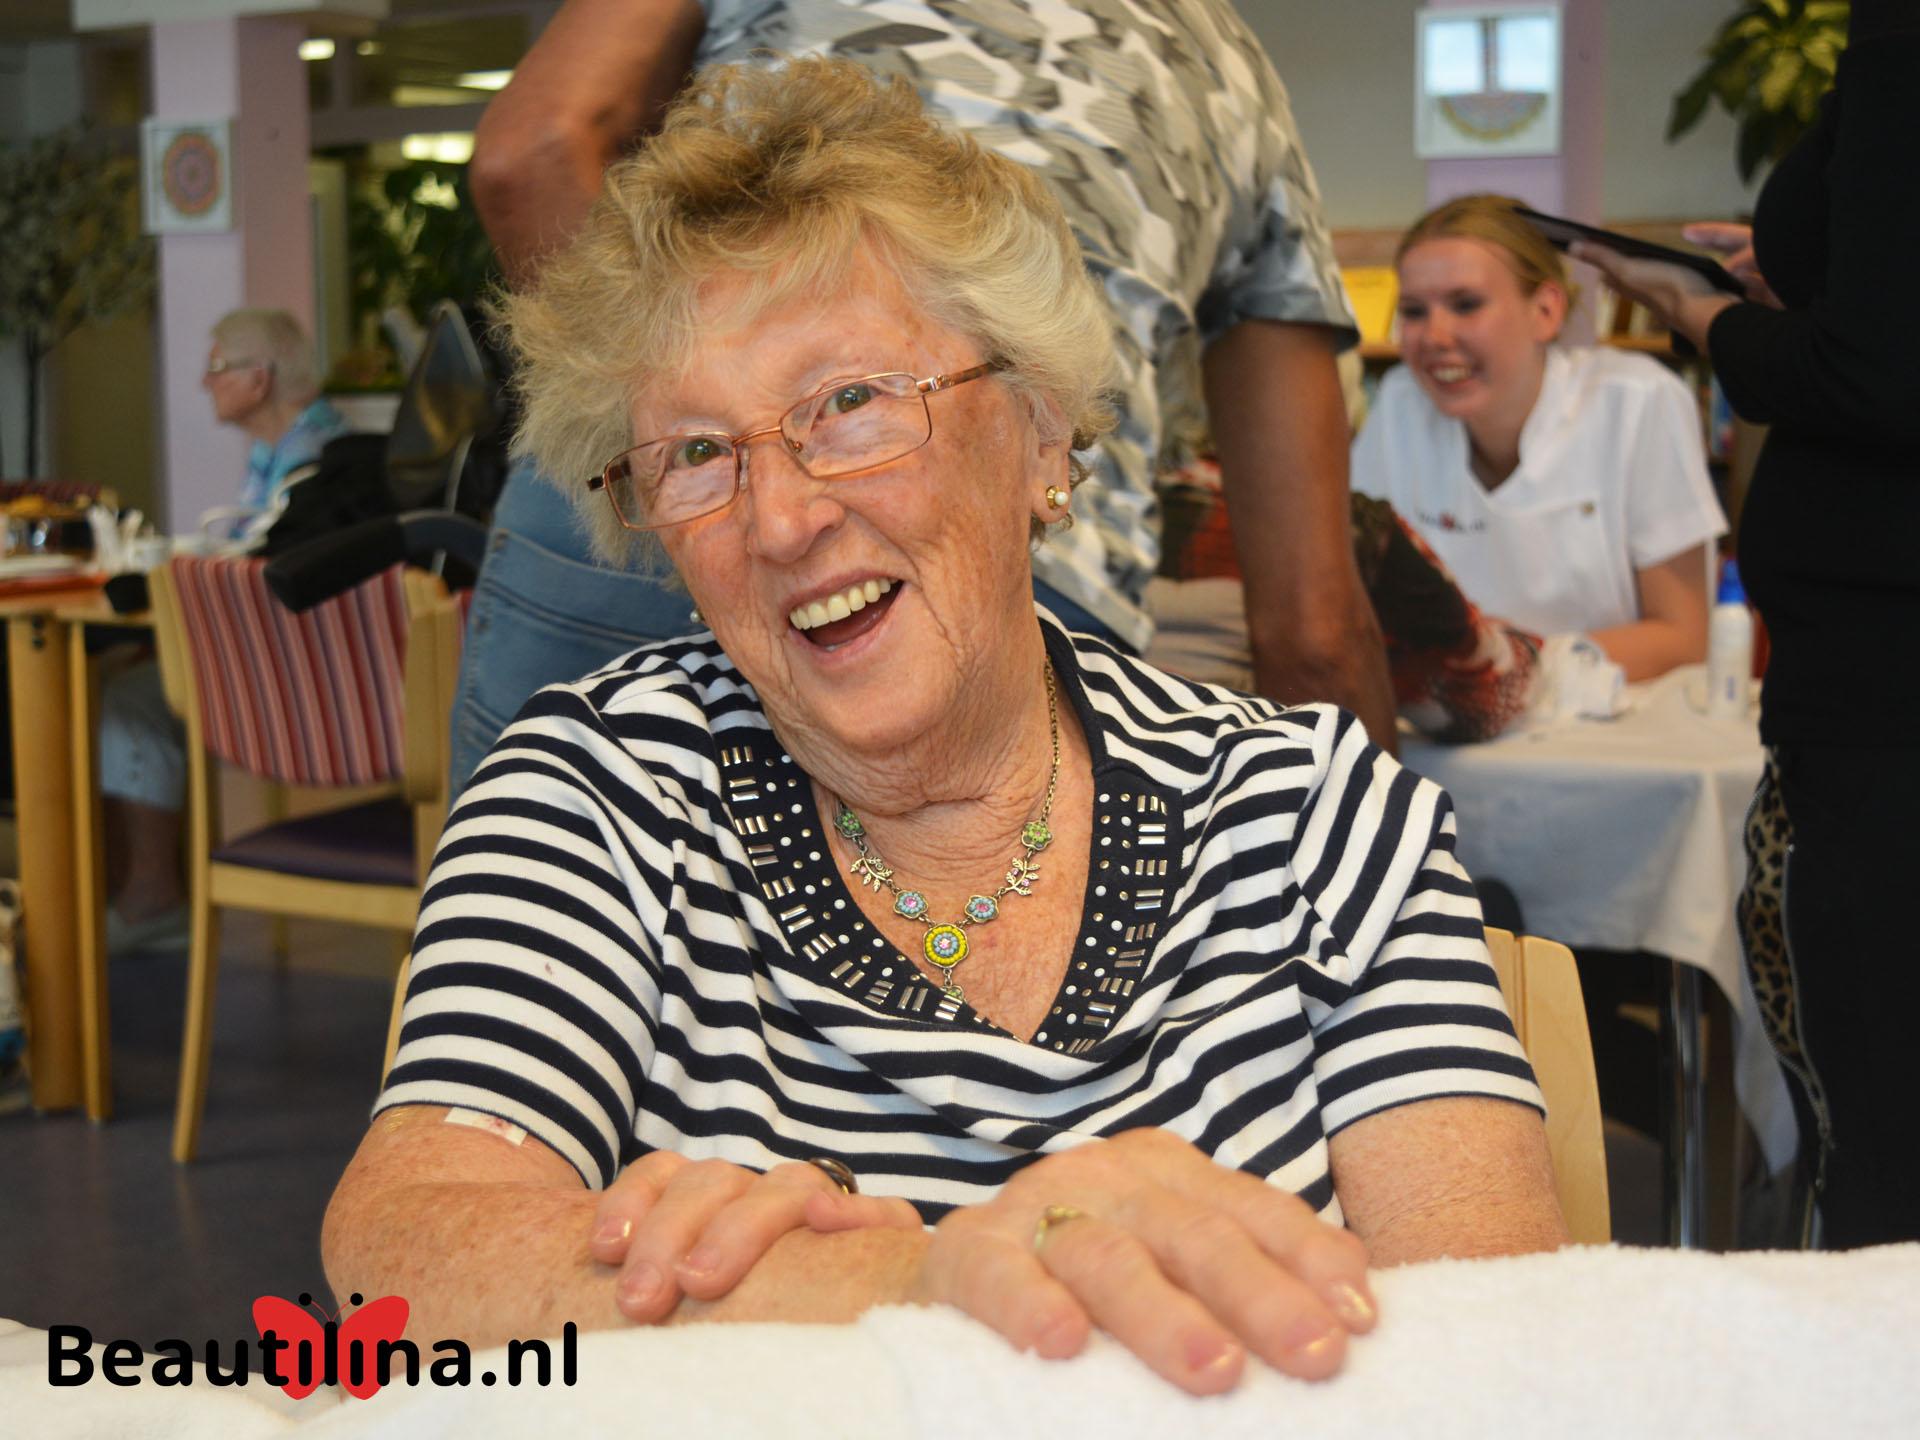 Senioren beautydag bij De Drie Hoven (17-5-2018)